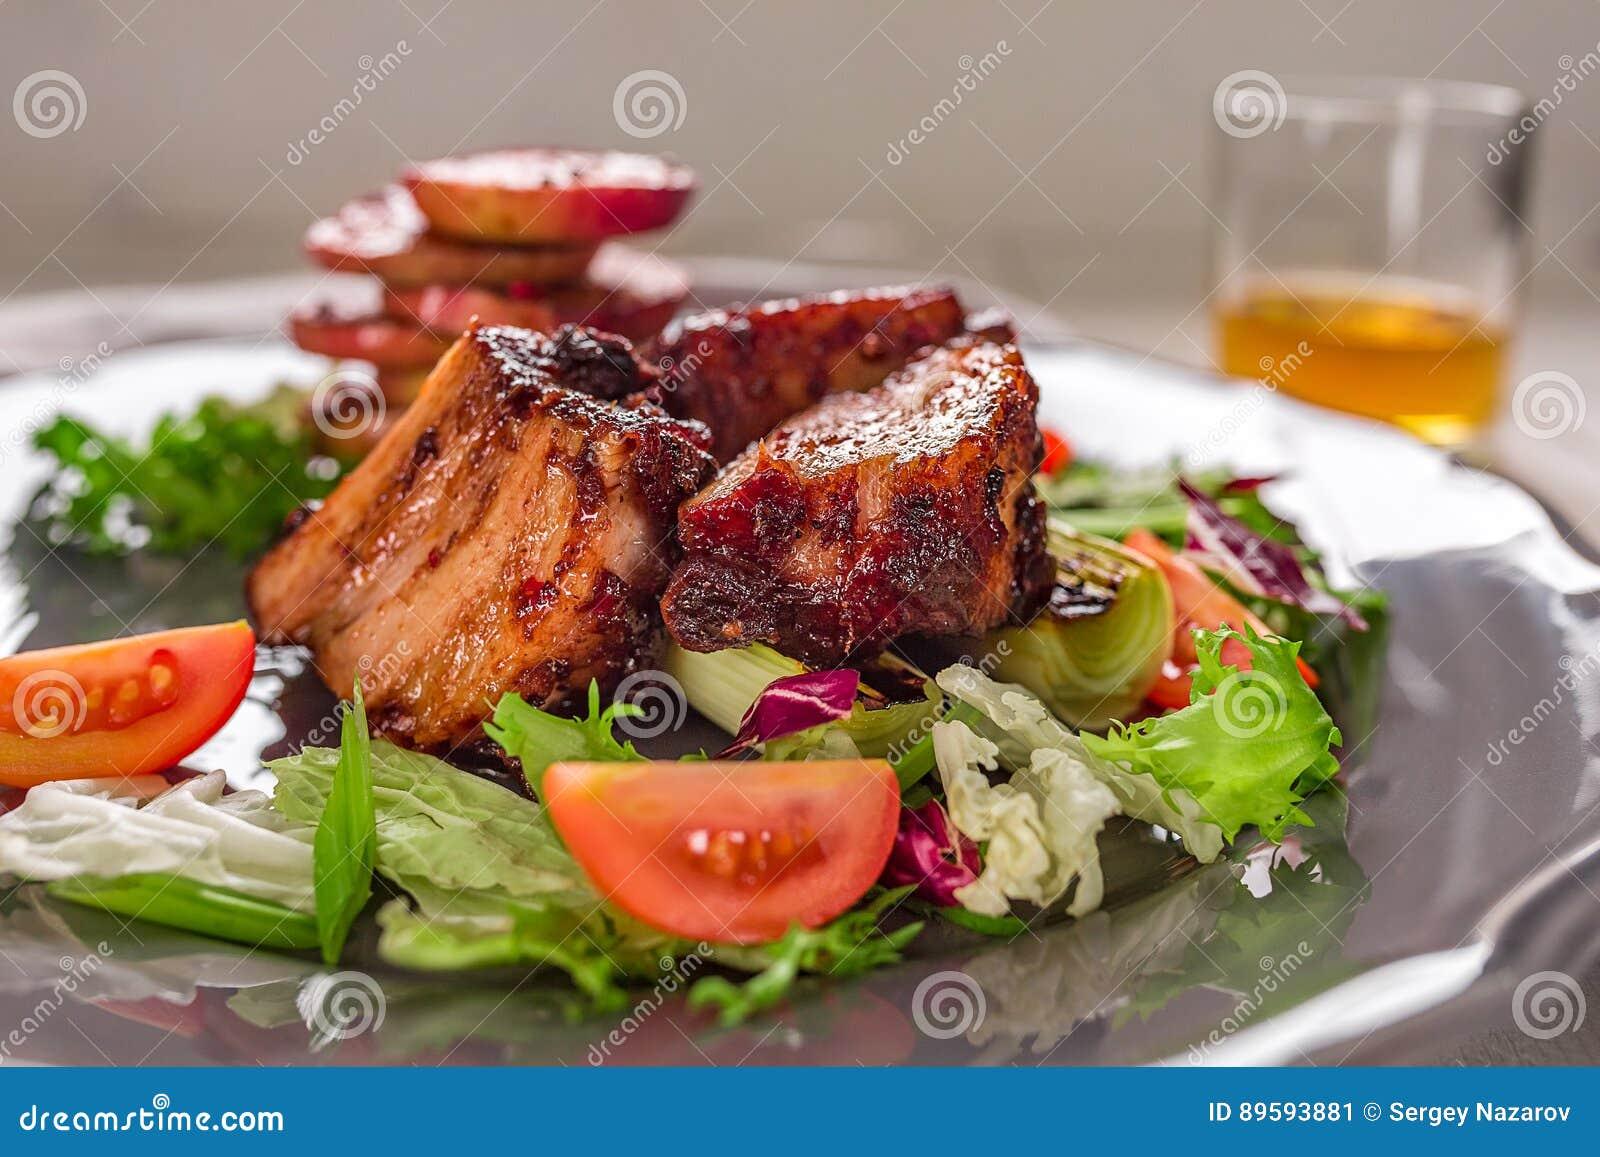 Paraboloïdes chauds de viande Les nervures de porc ont grillé avec de la salade et des pommes d un plat